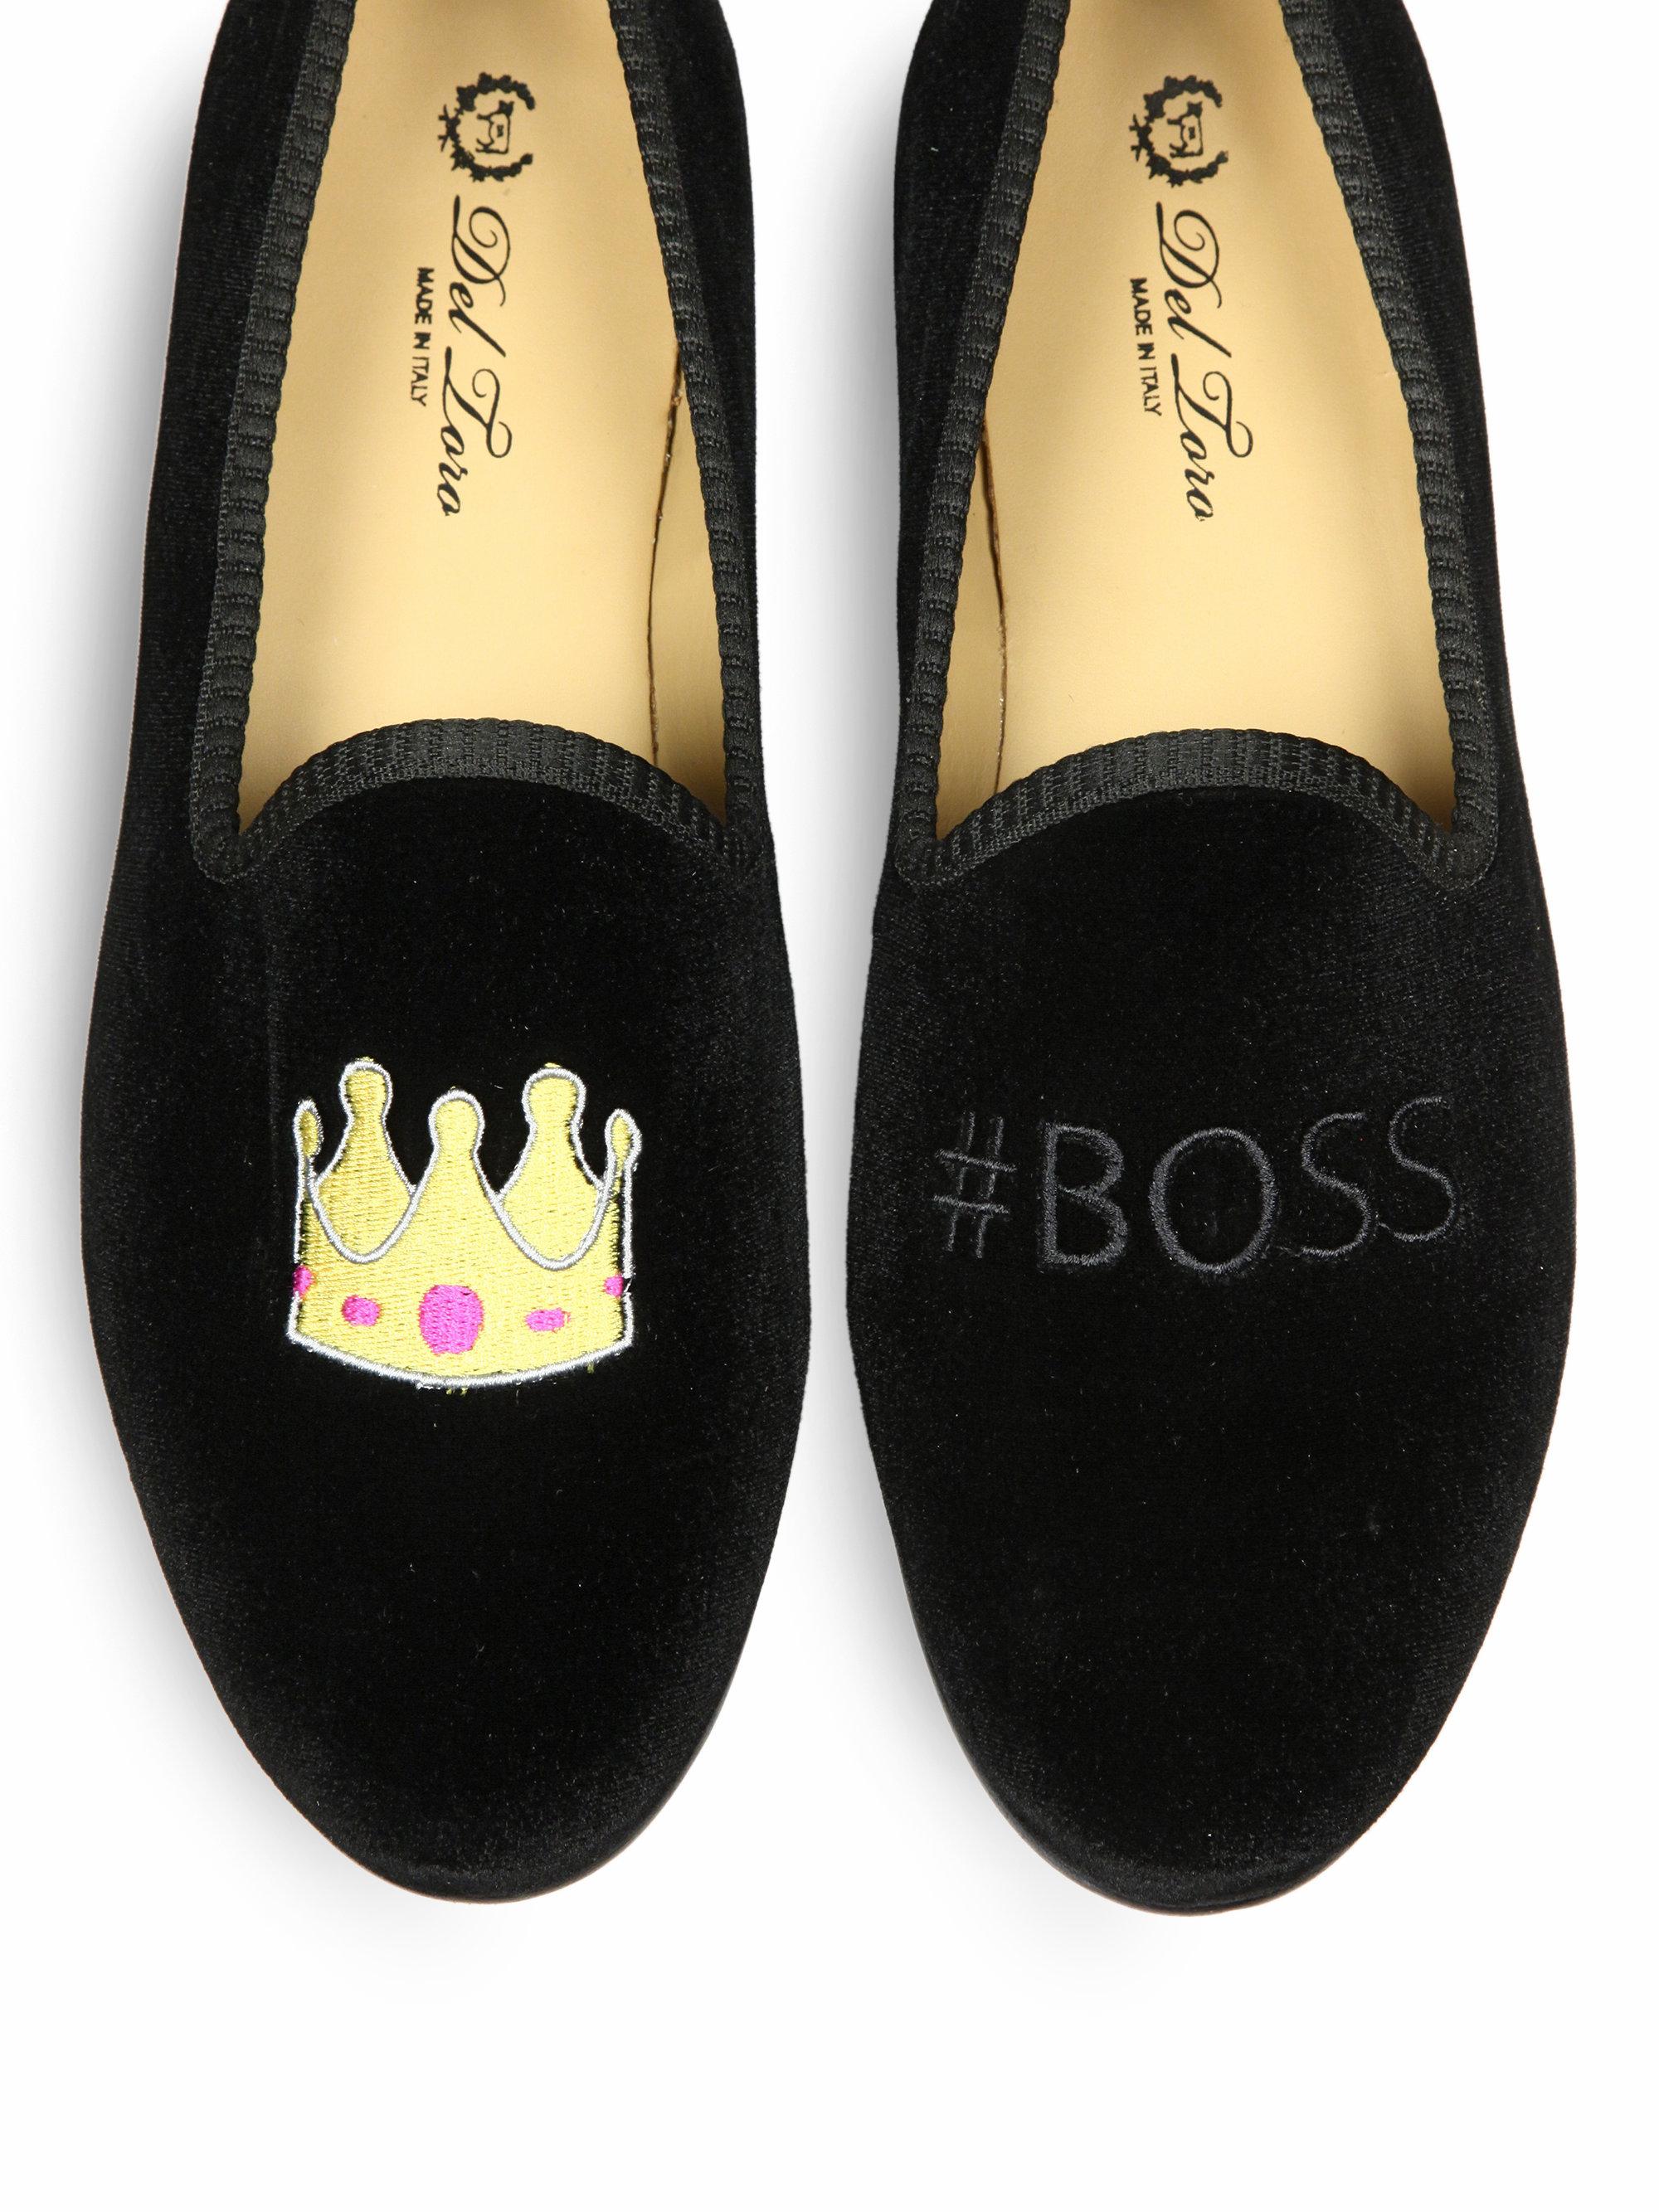 eff35886c18 Lyst del toro crown boss slippers in black for men jpg 2000x2667 Del toro  loafers